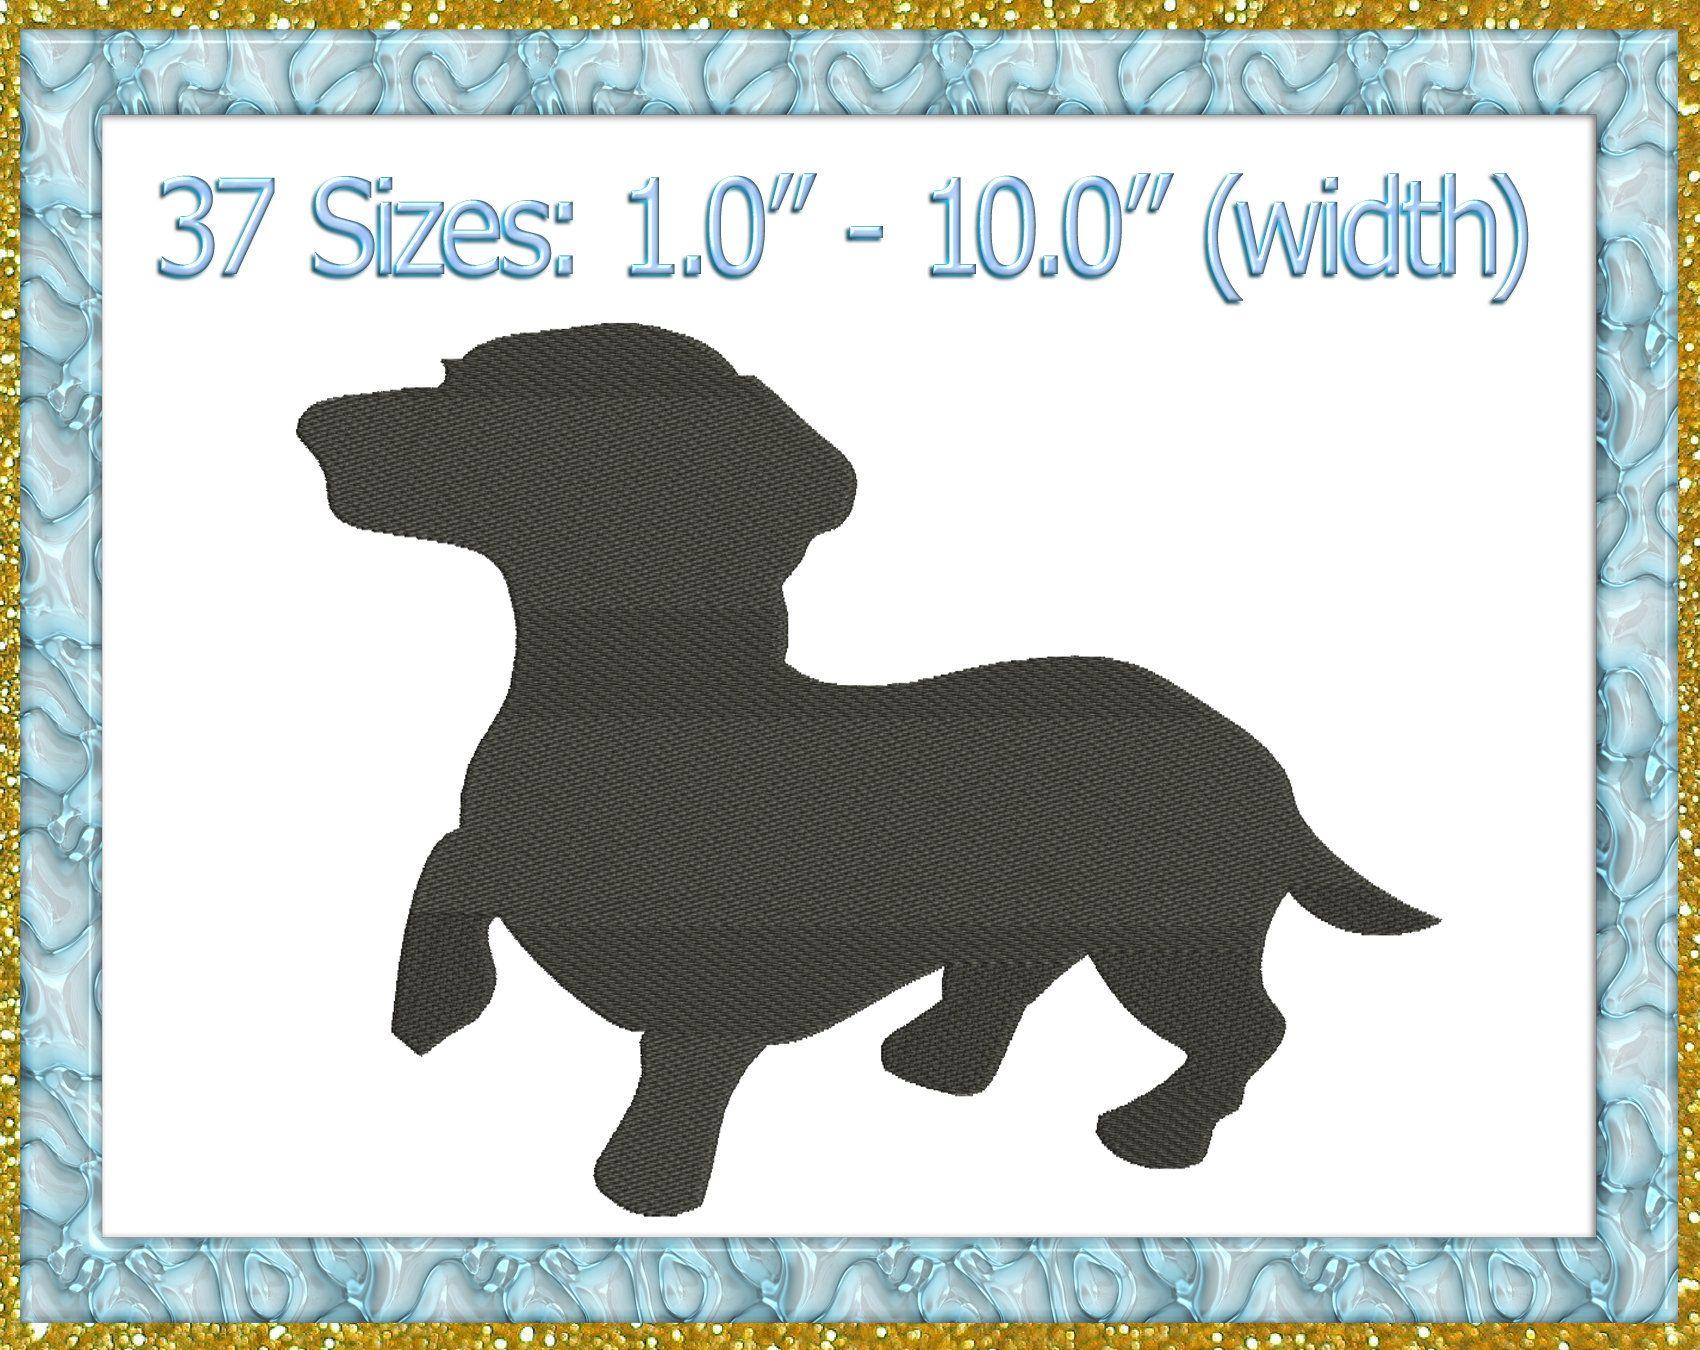 Dachshund Embroidery Design Dachshund Machine Embroidery Design Dog Dachshund Silhouette Embroidery Design Pet Embroidery Design Pets Pes 84 Animal Embroidery Designs Embroidery Designs Machine Embroidery Designs